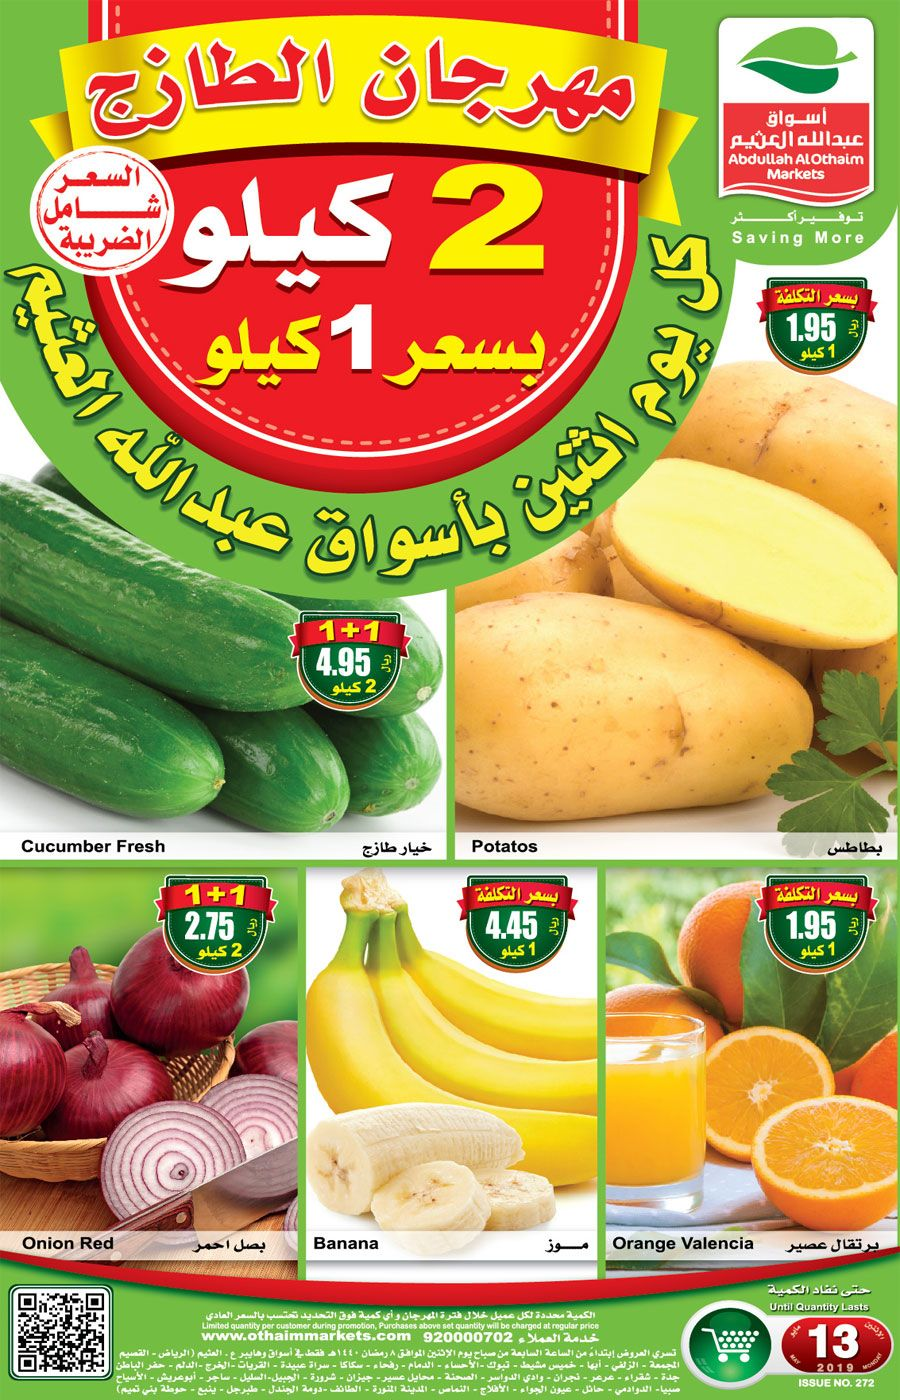 عروض العثيم الخميس 13 6 2019 اقل الاسعار Cucumber Tomato Food